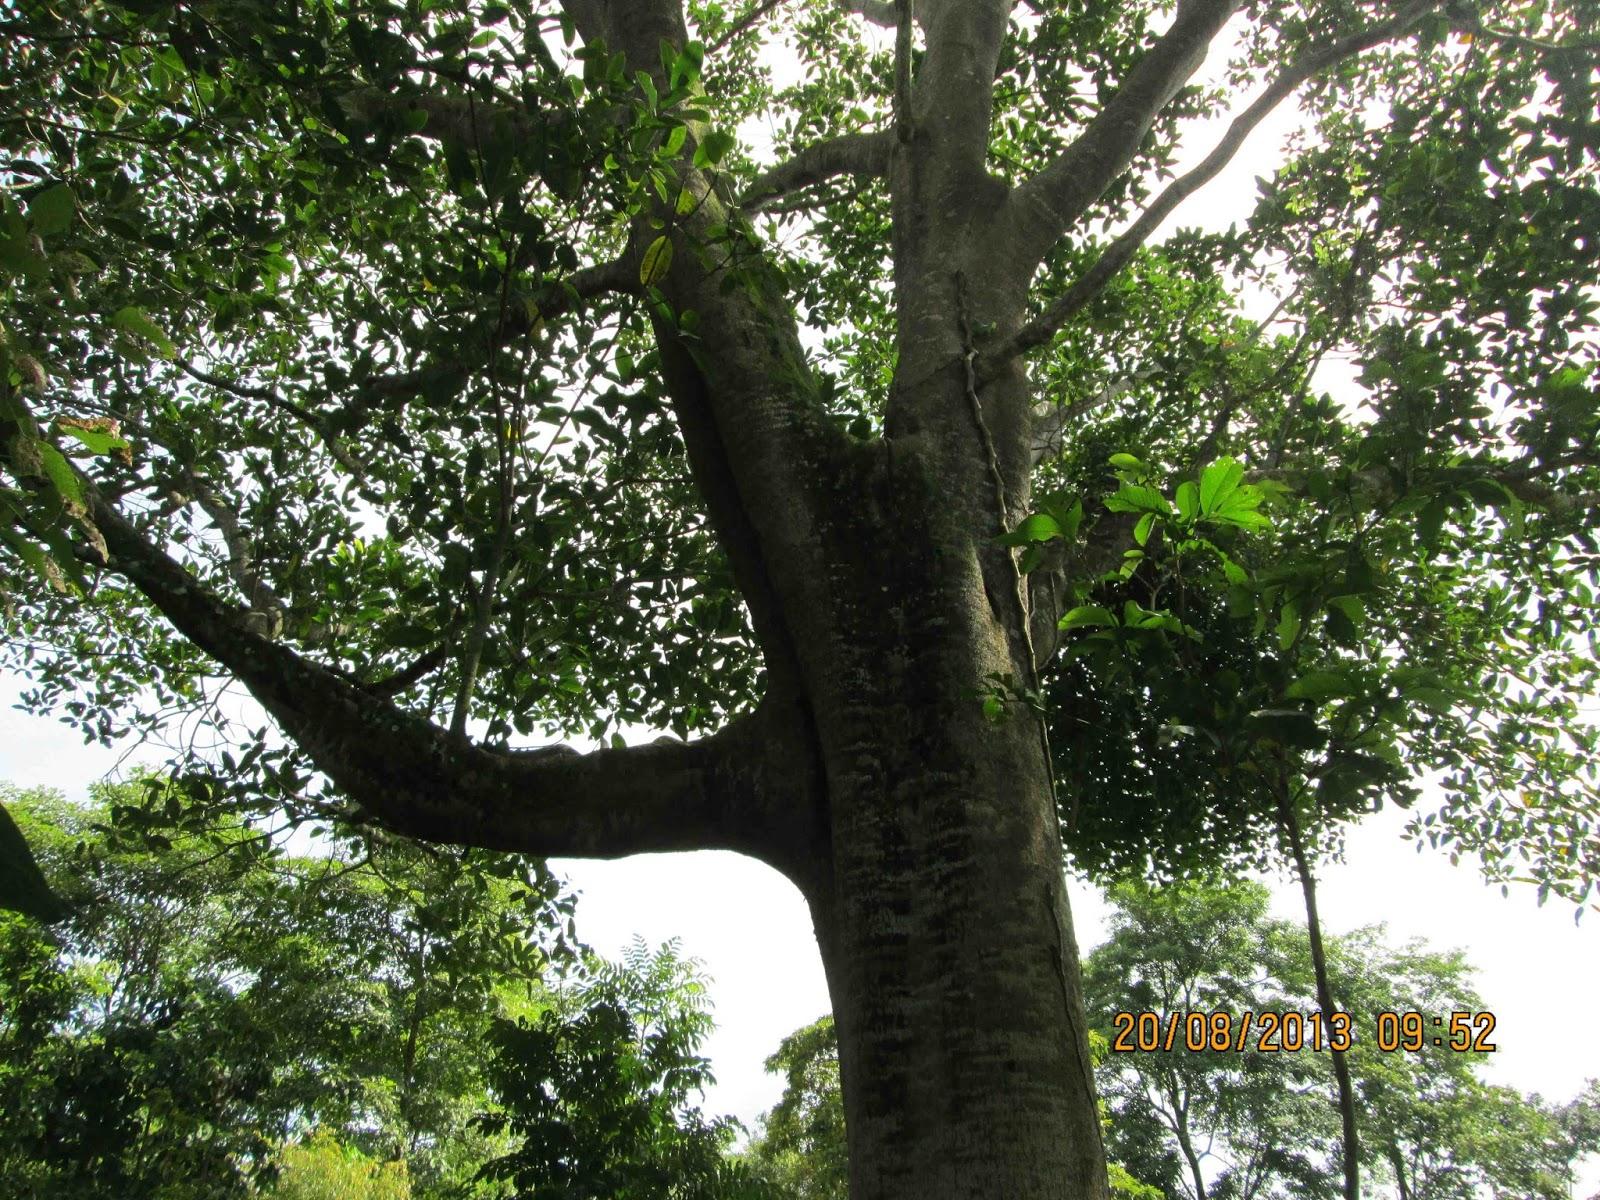 Hay que velar por la conservaci n de los rboles nativos for Medio en el que habitan los arboles